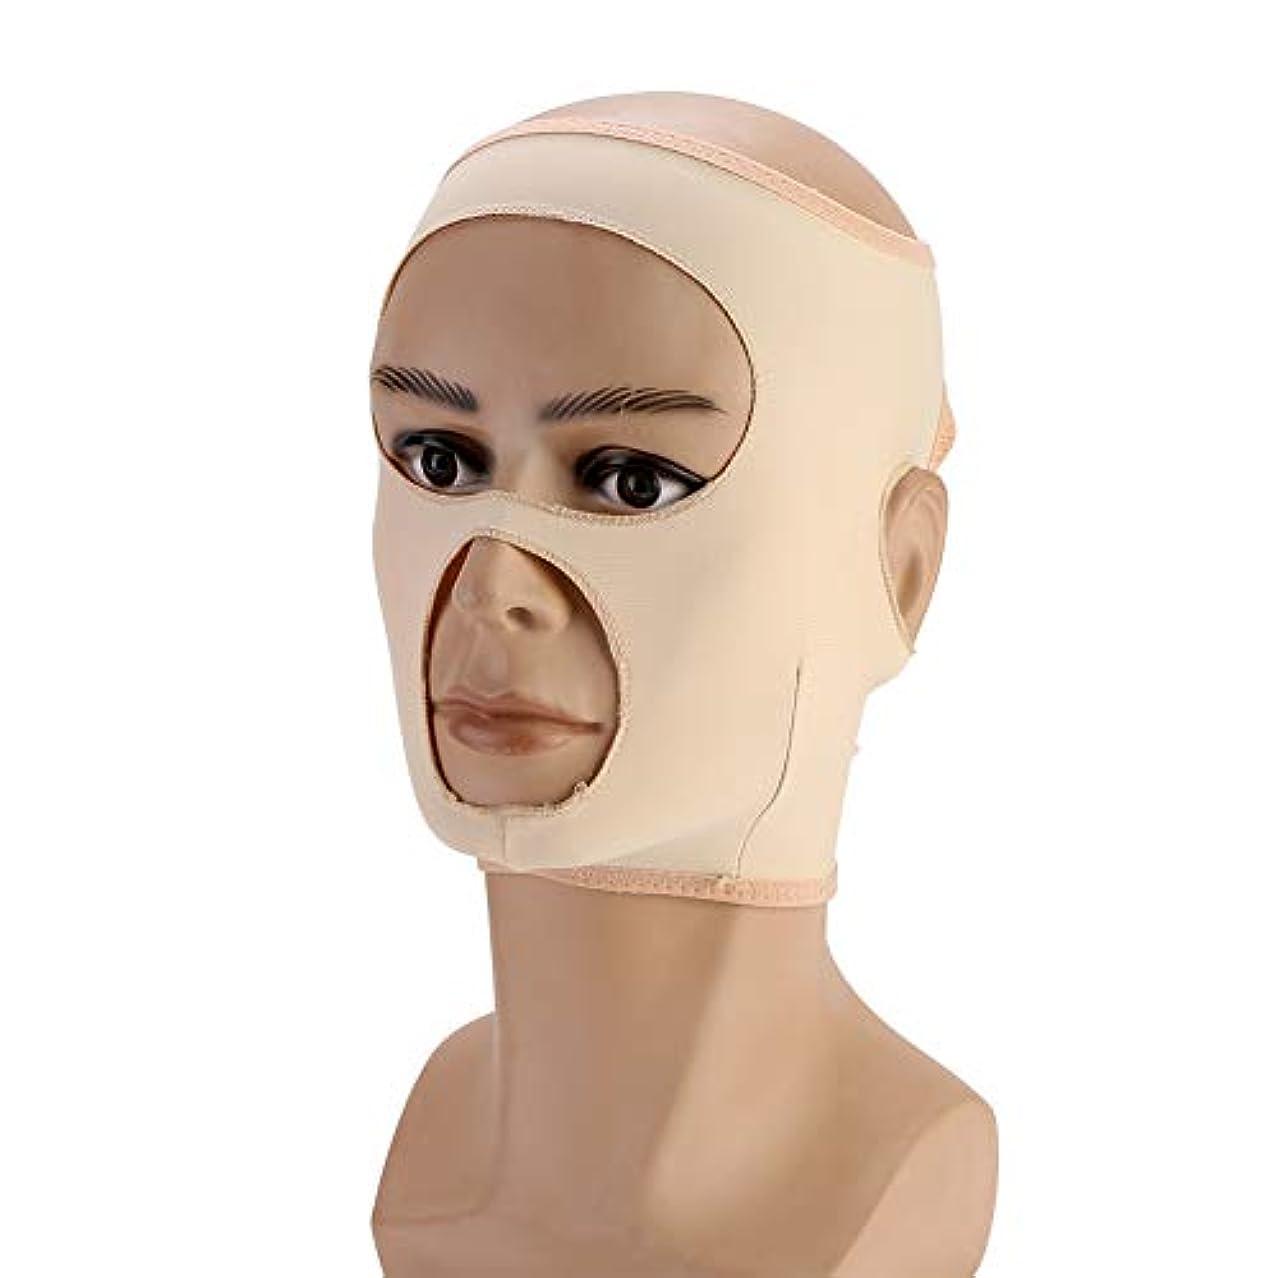 適応的確認する急流フェイス包帯 フェイシャルケア 小顔 美顔 Vライン 顔輪郭改善 美容包帯 通気性/伸縮性/自動調整バックル フェイシャル マスク フェイスラインスリムアップベルト(M)